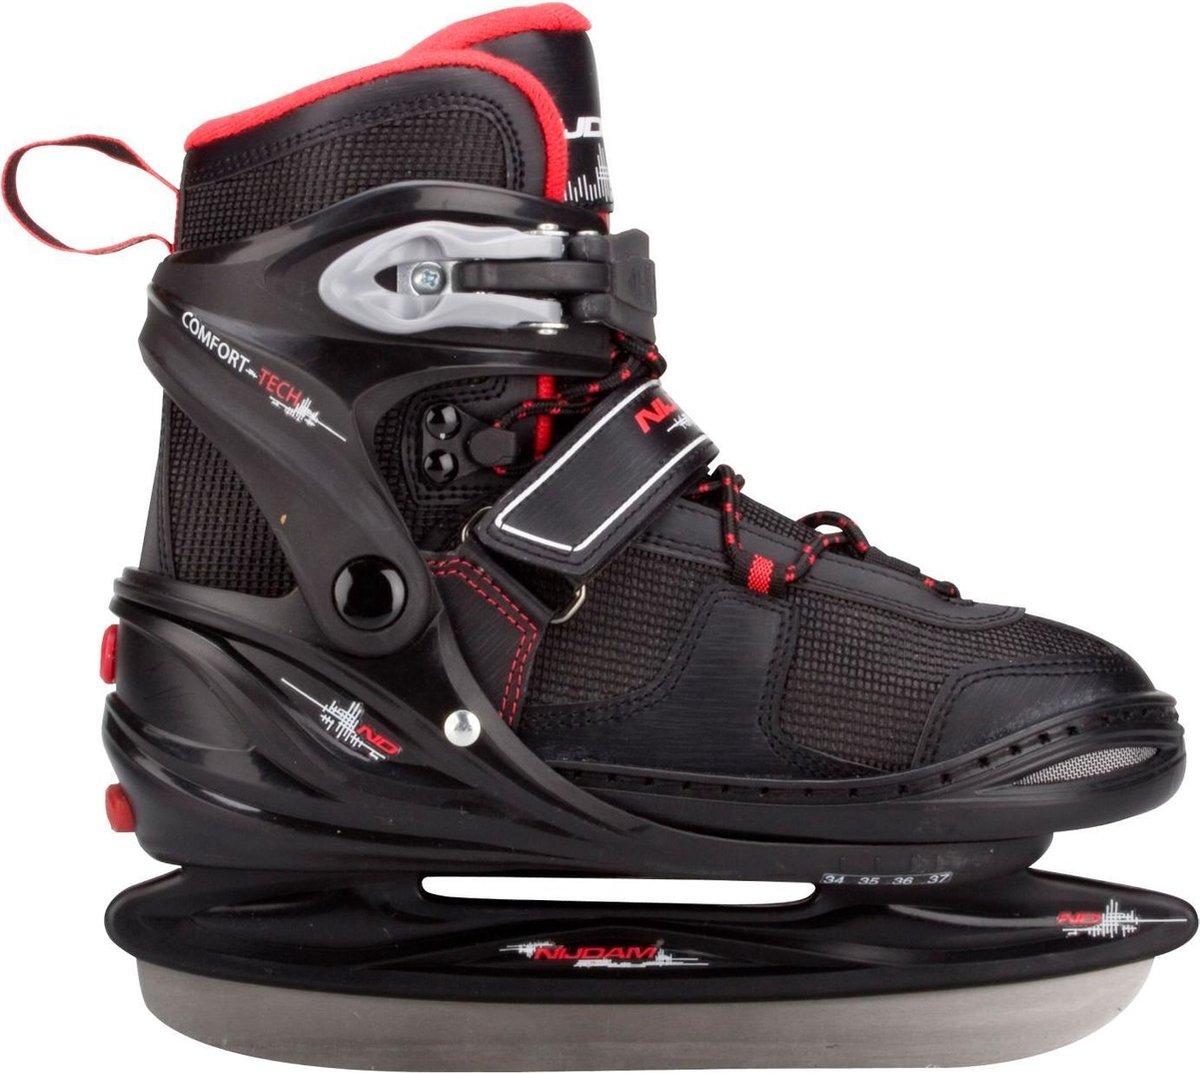 Nijdam 3135 Junior IJshockeyschaats - Verstelbaar - Semi-Softboot - Rood/Zwart - Maat 34-37